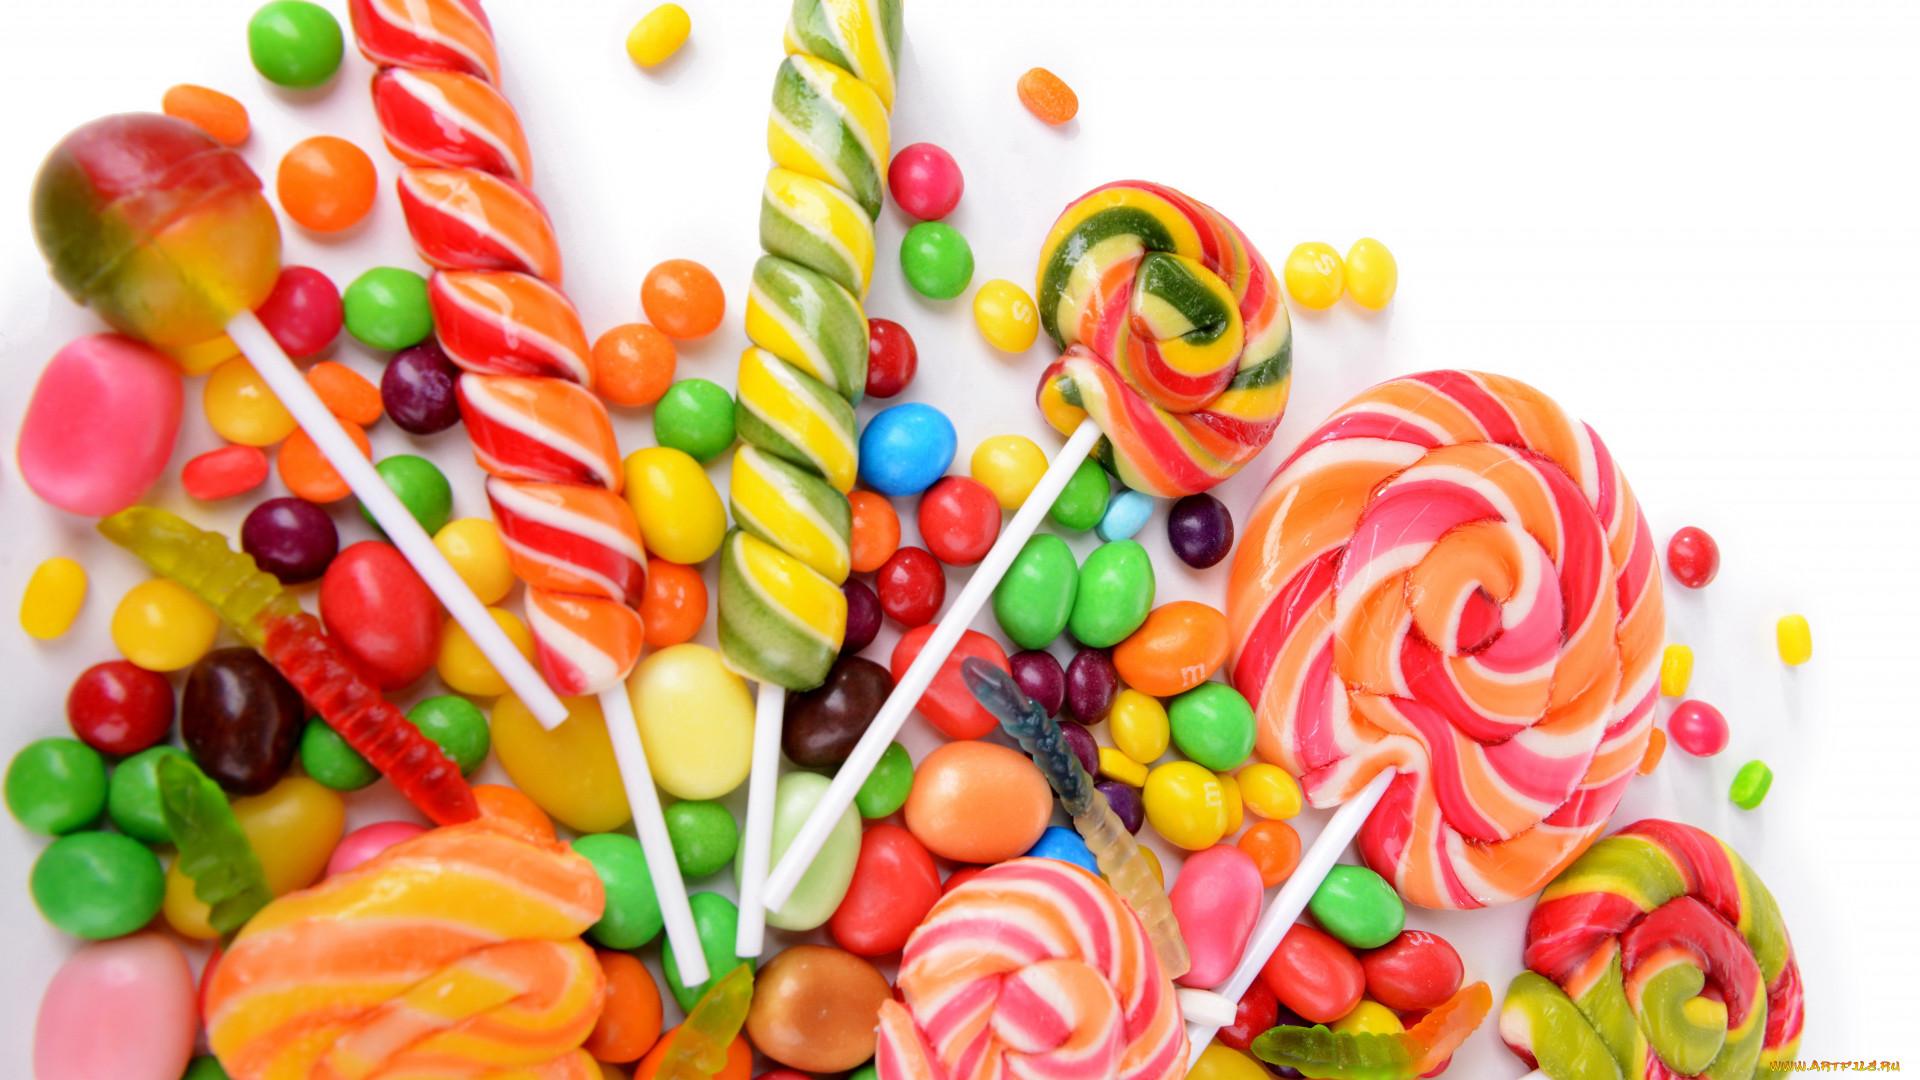 картинки сладкие изделия вашему вниманию очередную